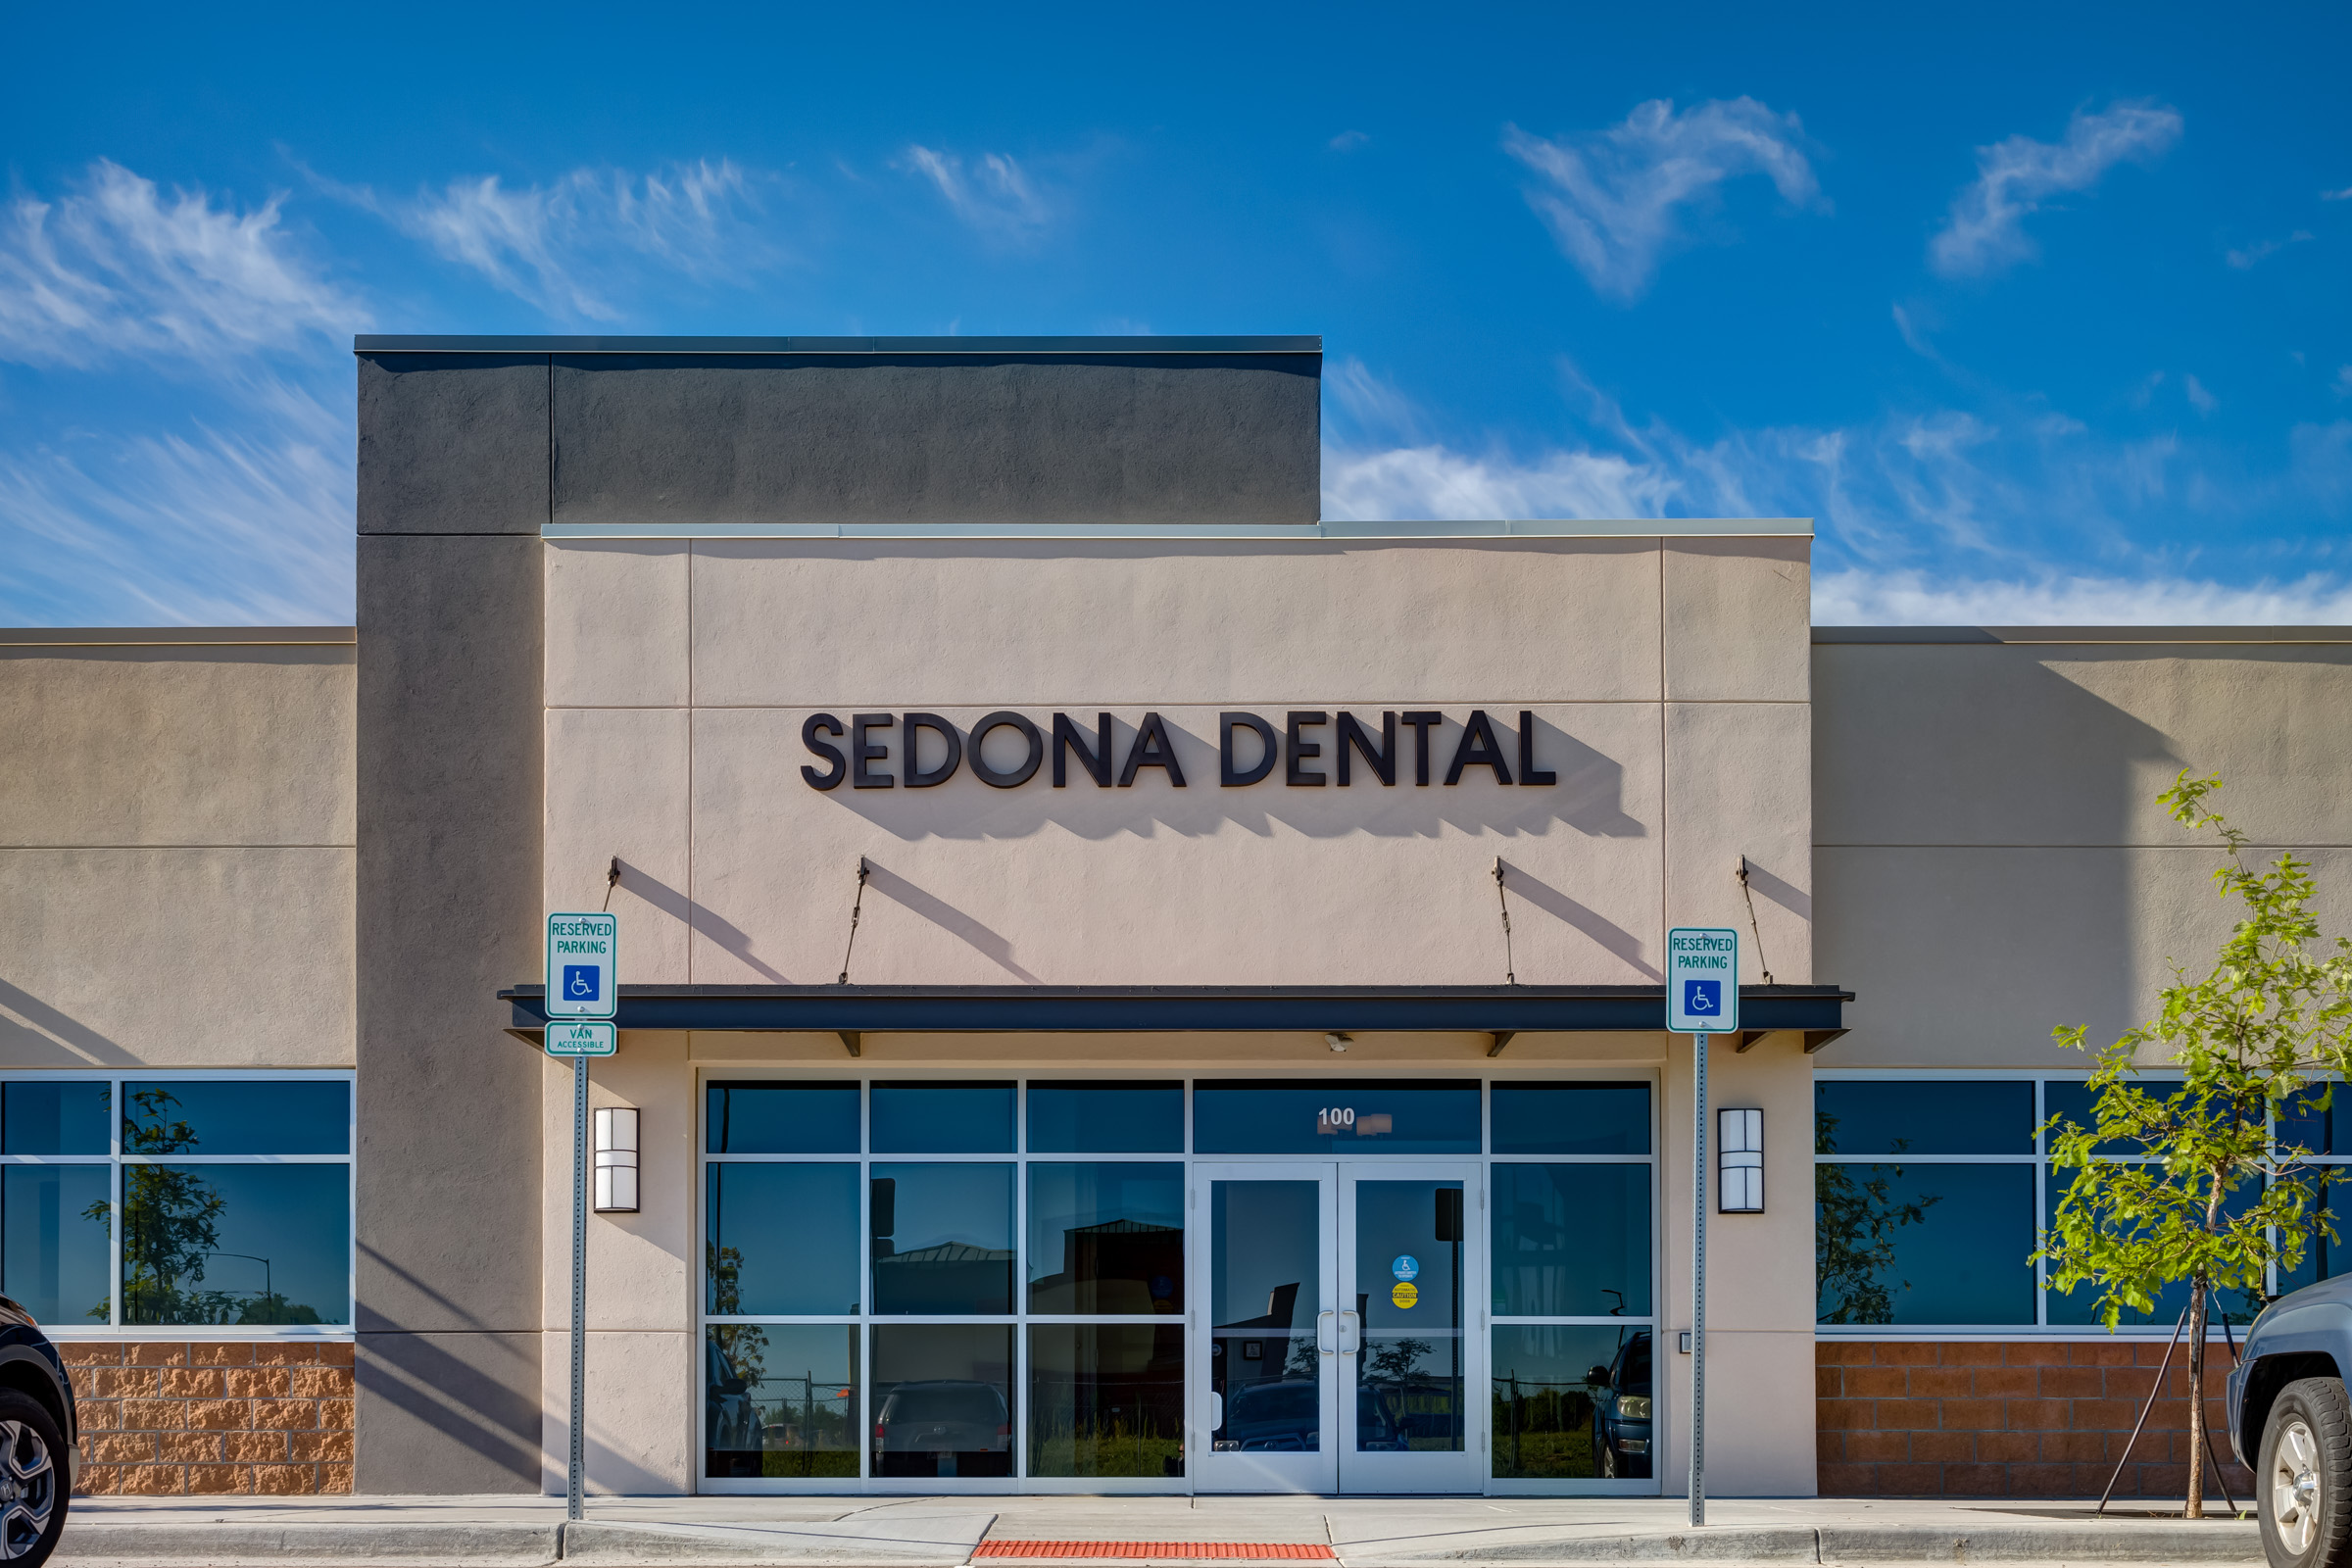 Sedona-Dental-Westmister-0030-WEB.jpg